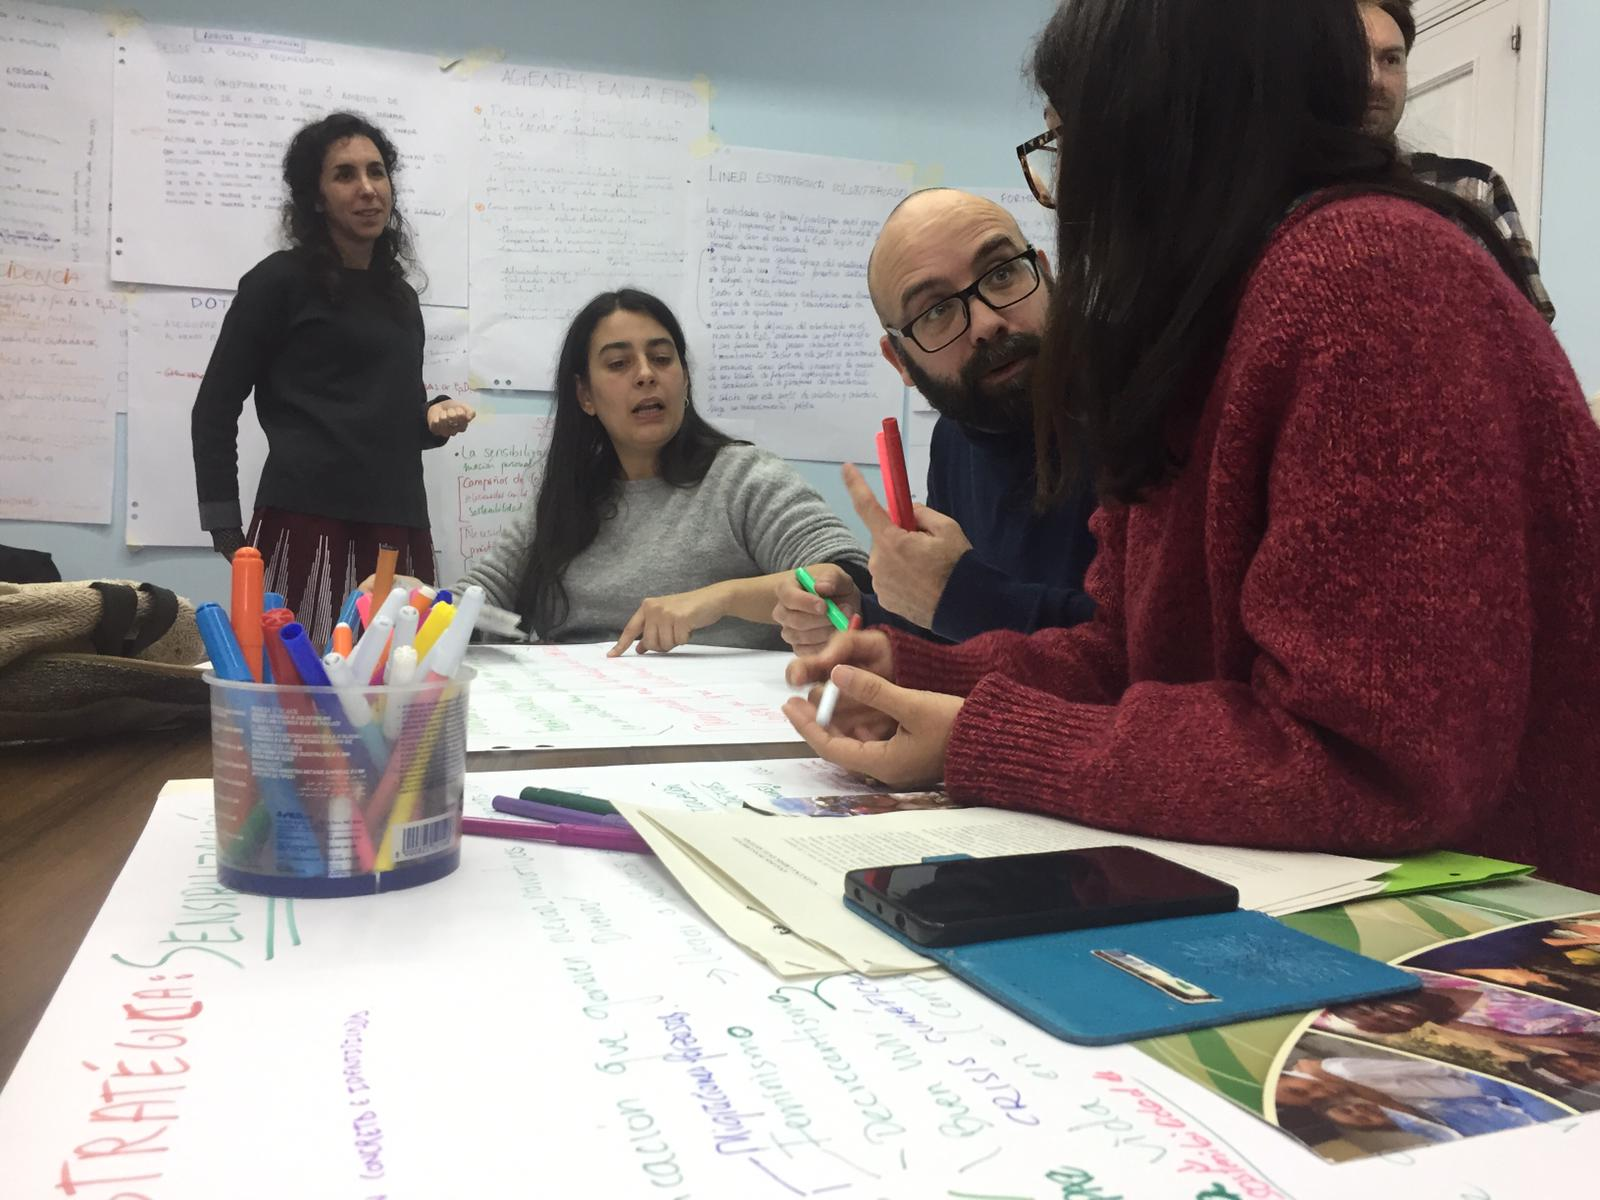 Oferta de empleo I Buscamos una Técnica/o para el Área de Educación en Andalucía